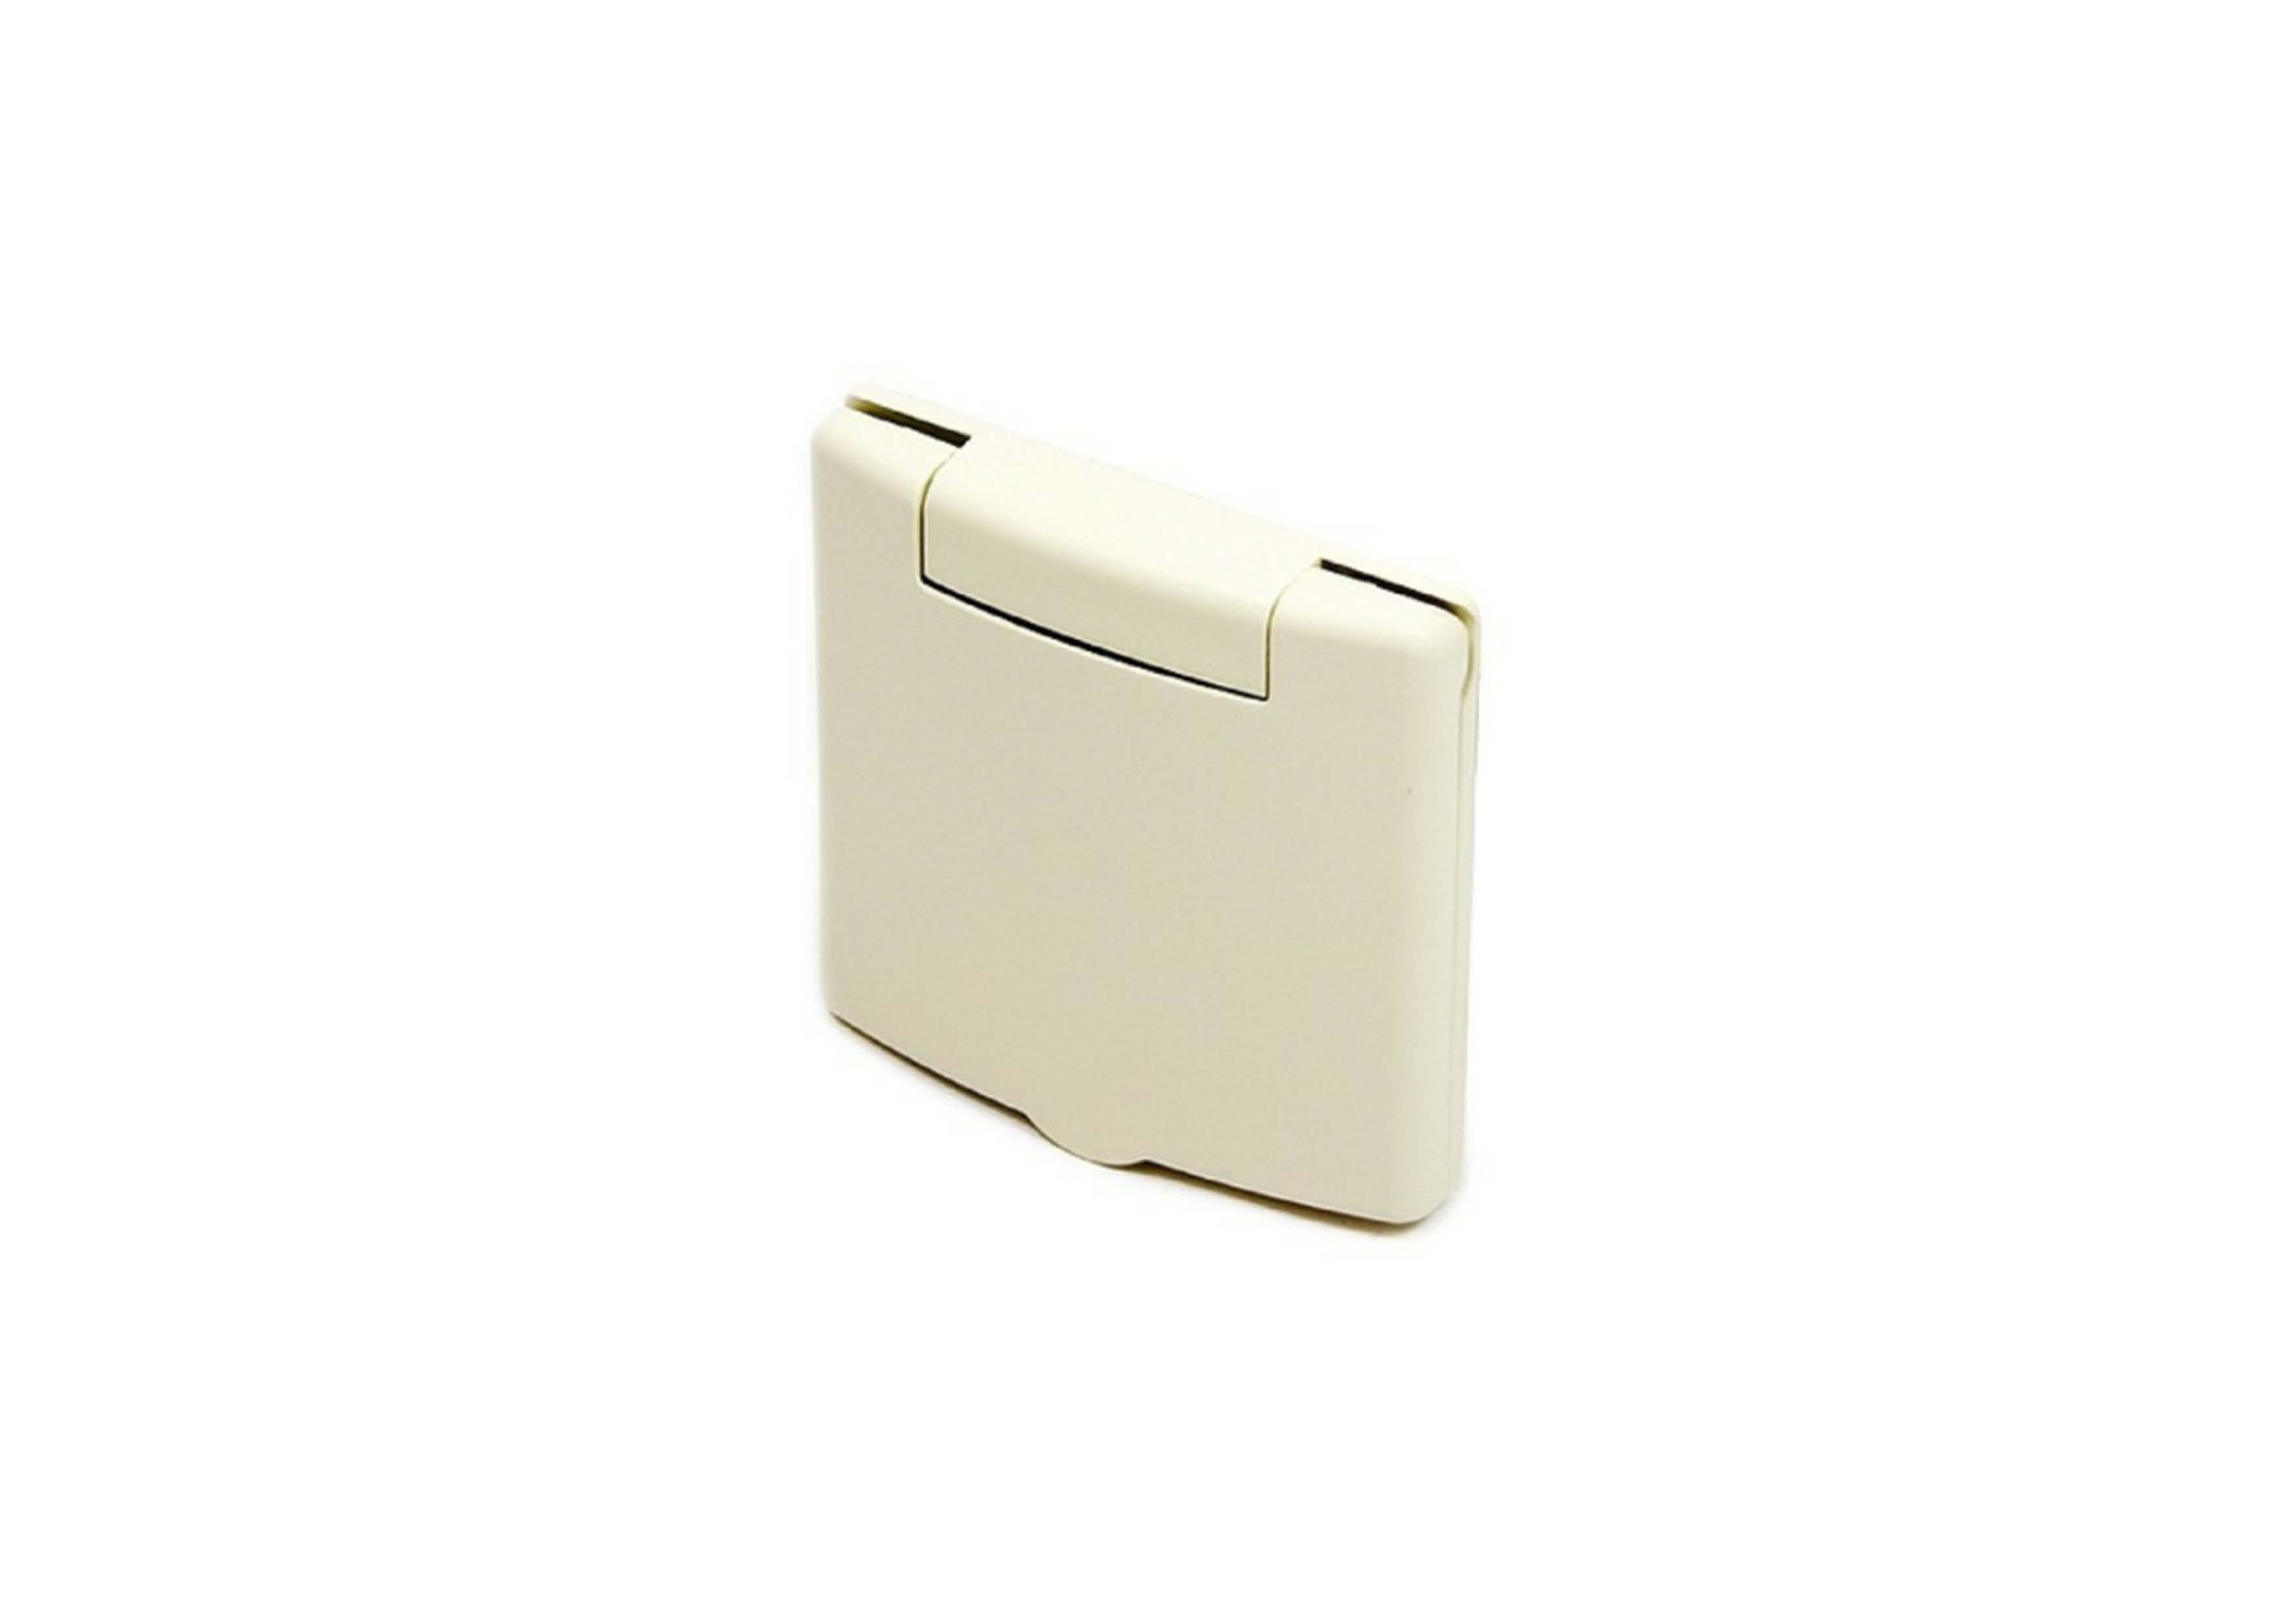 Вакуумна розетка S-VEX, колір кремовий